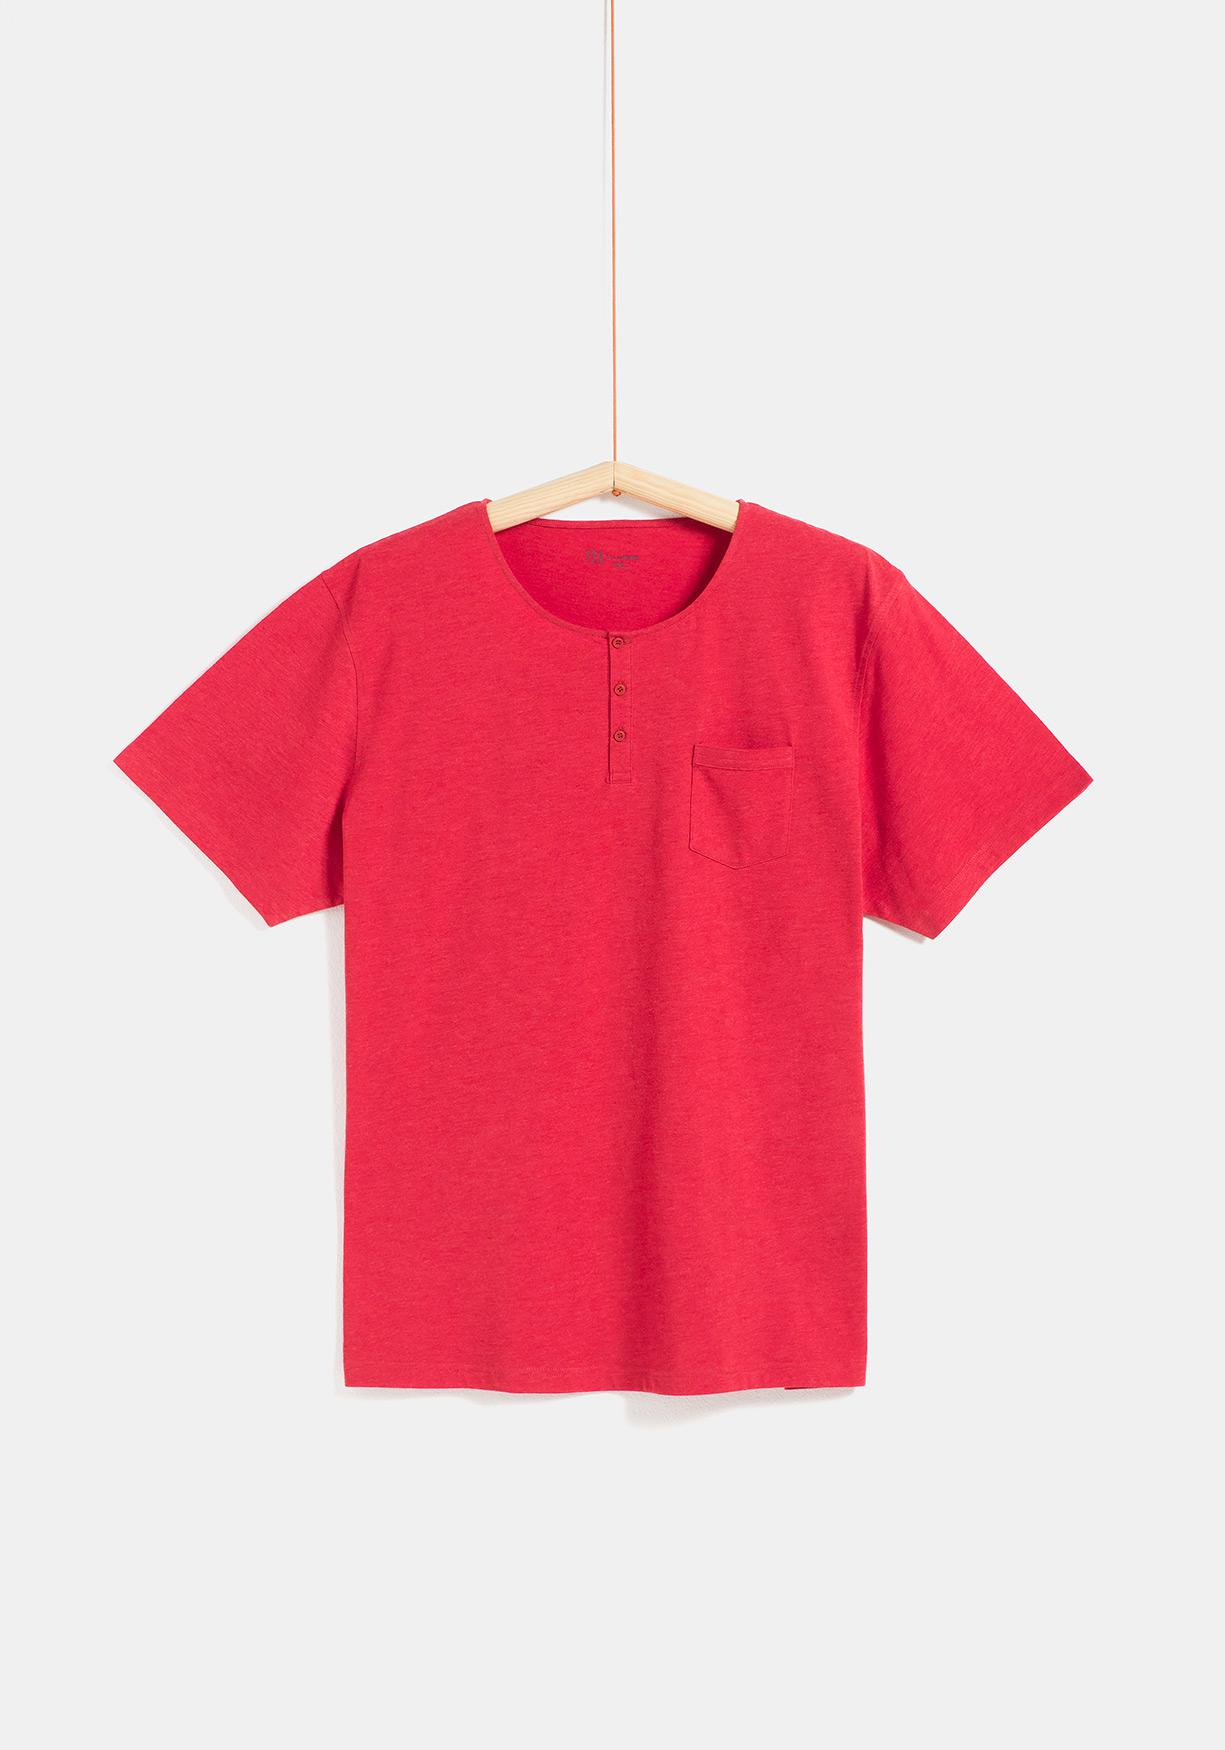 6f5ab337bde Comprar Camiseta para Tallas Grandes TEX. ¡Aprovéchate de nuestros ...